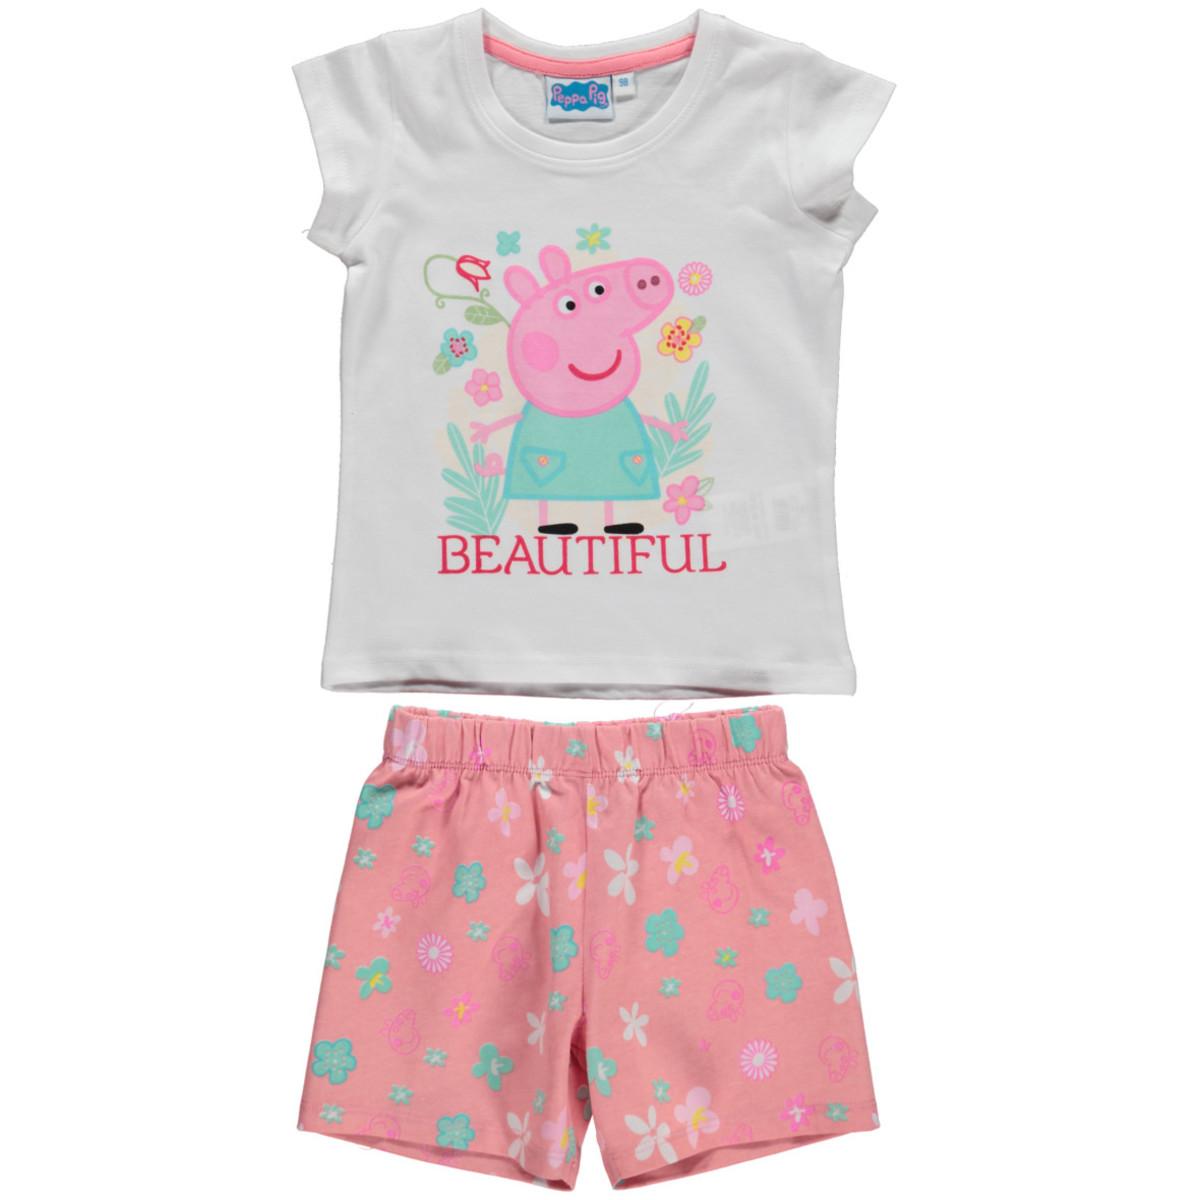 Bild 1 von Mädchen Pyjama Shorty